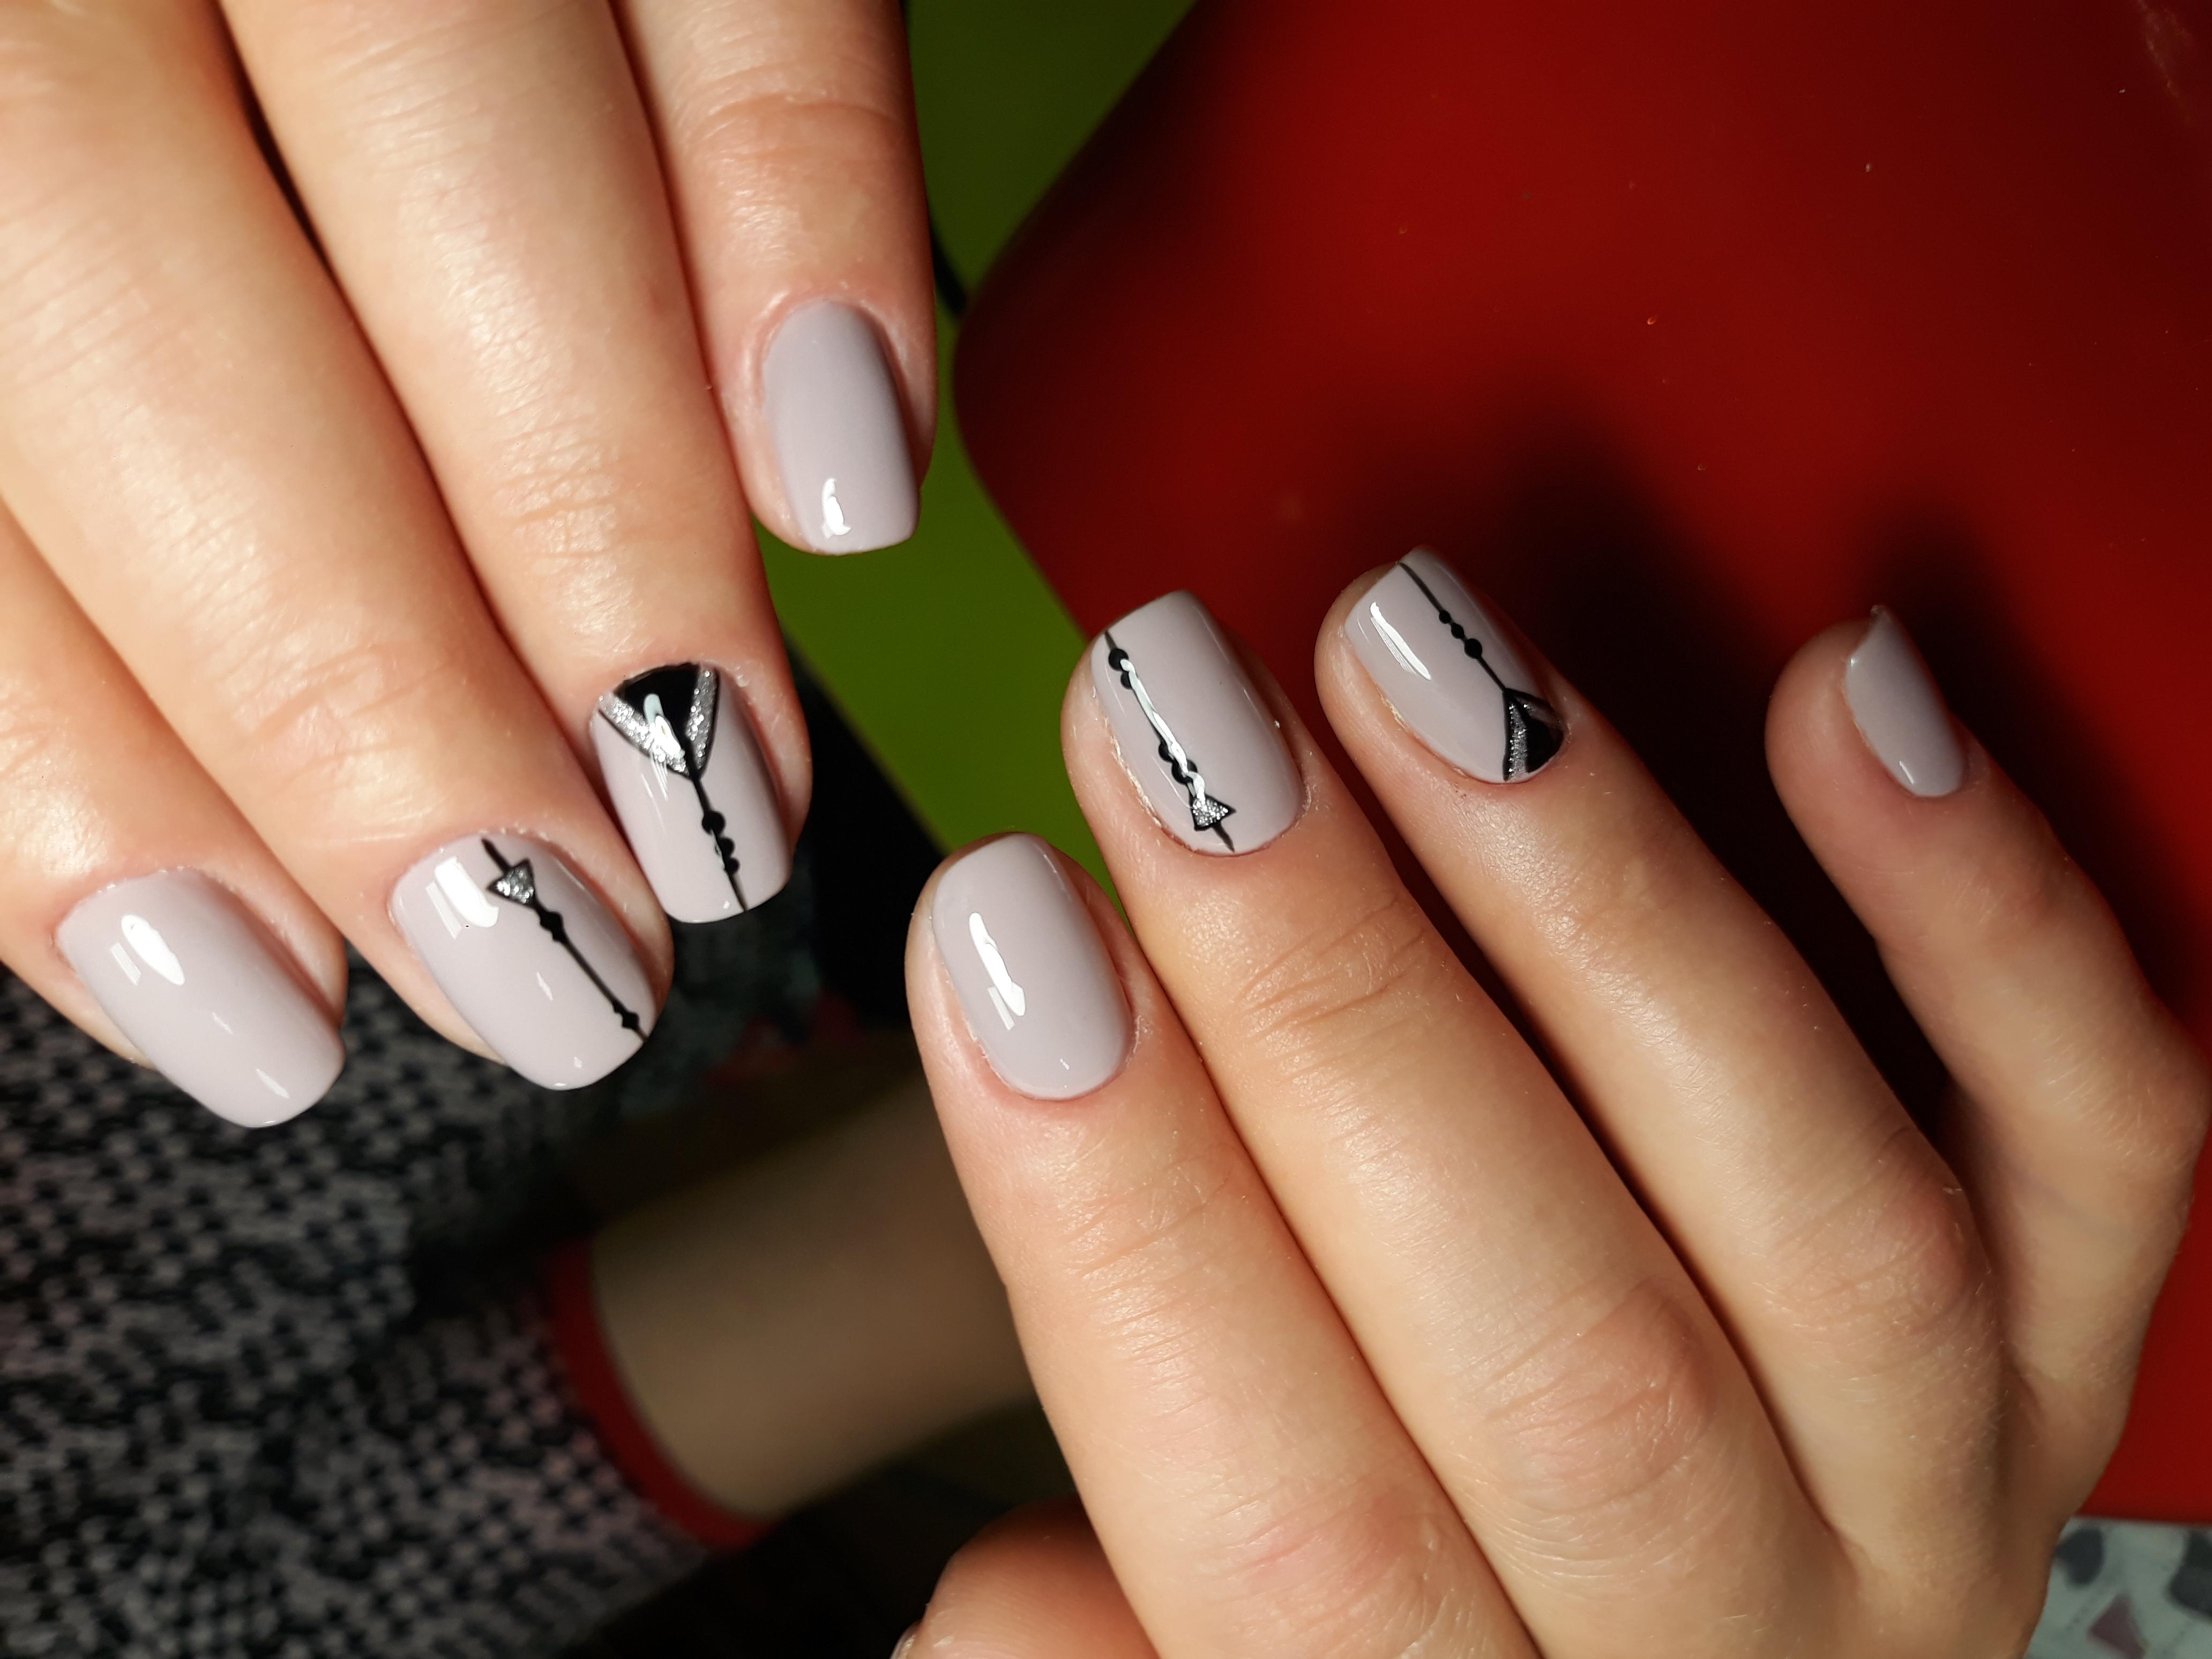 Геометрический маникюр с серебряными блестками в пастельных тонах на короткие ногти.